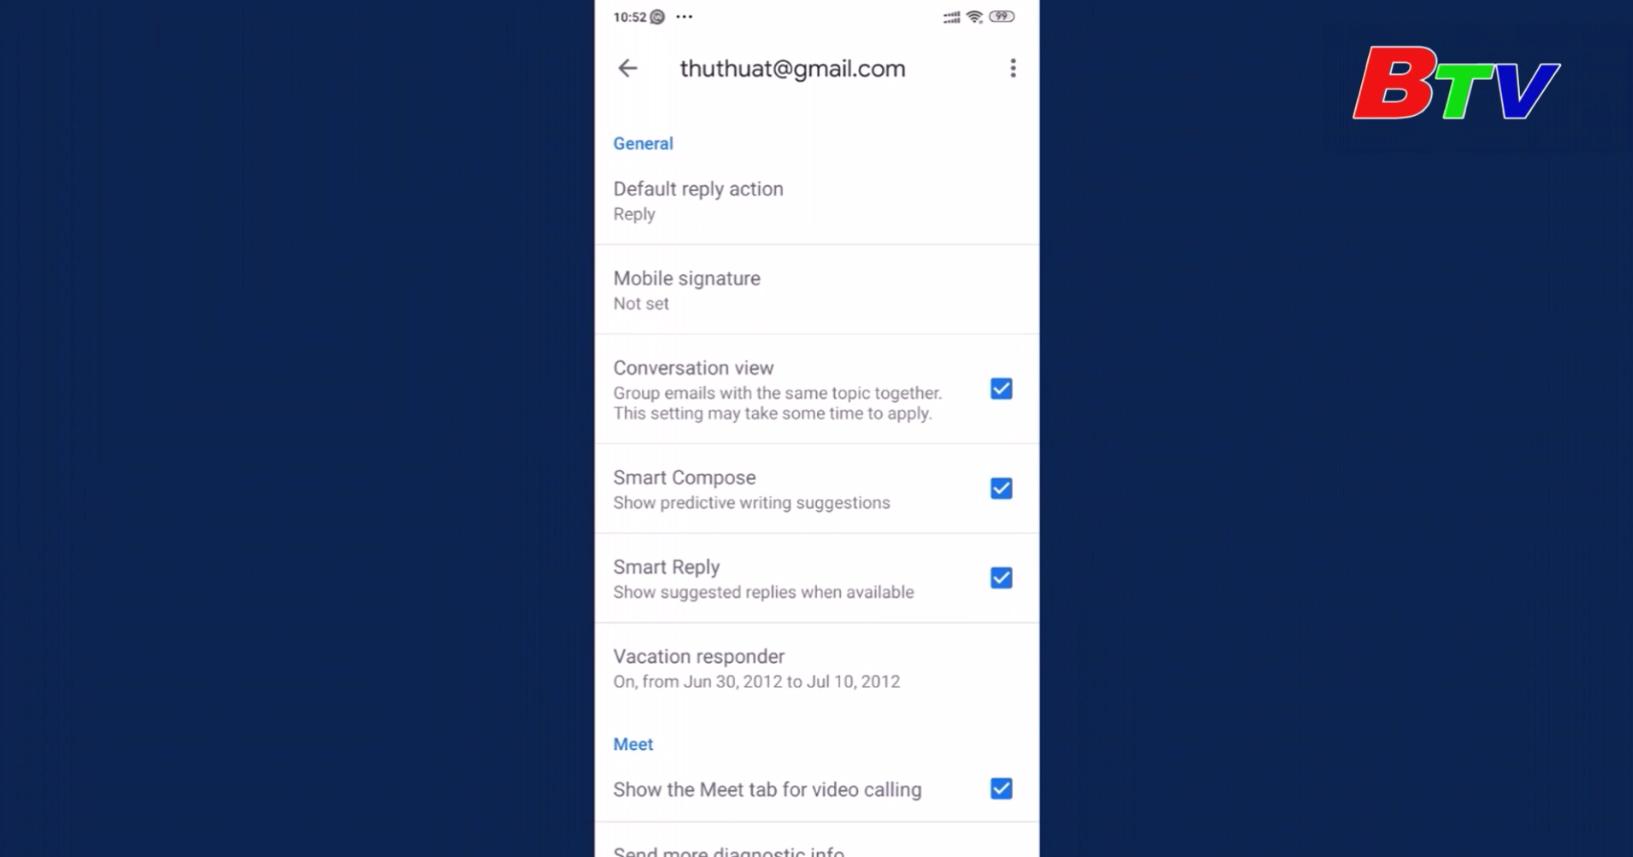 Soạn email bằng tiếng Anh trên Gmail không cần rành ngoại ngữ